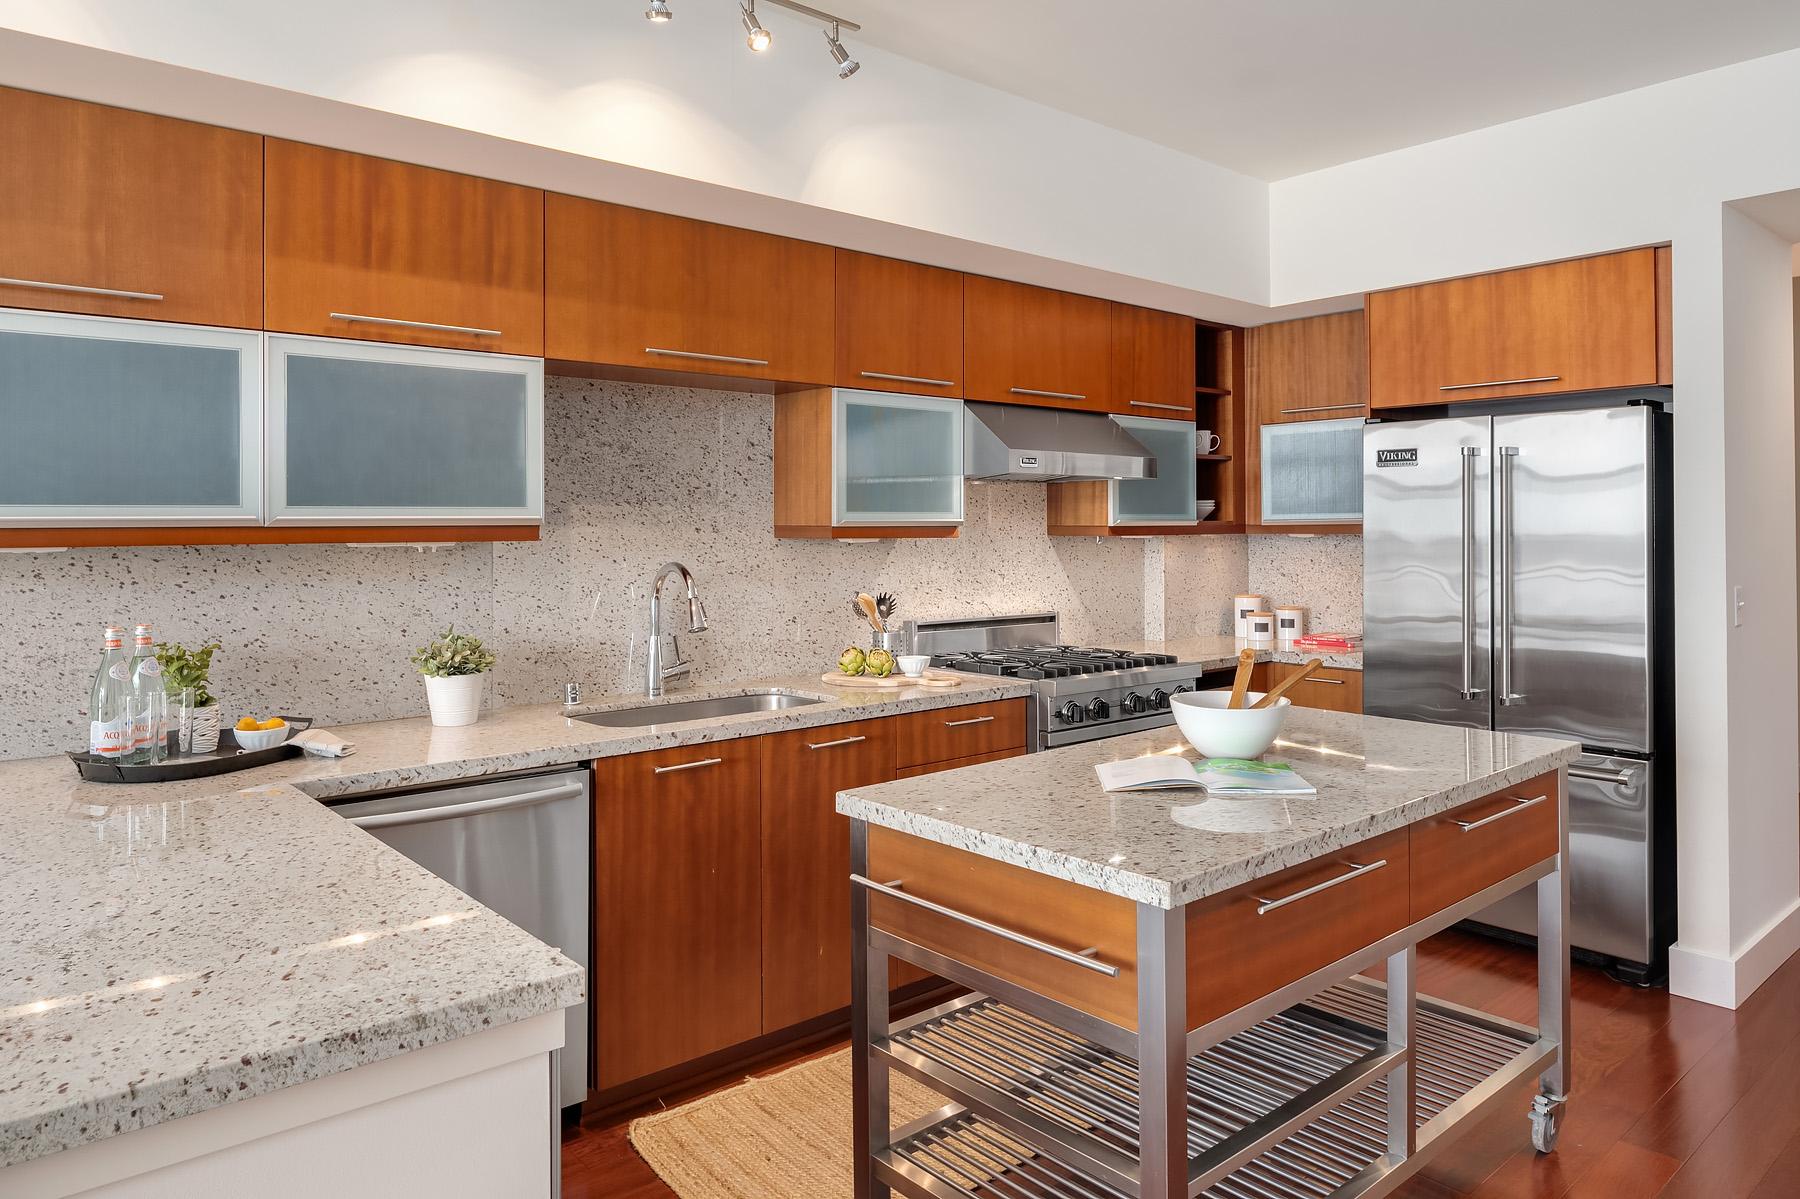 Kitchen to Fridge.jpg